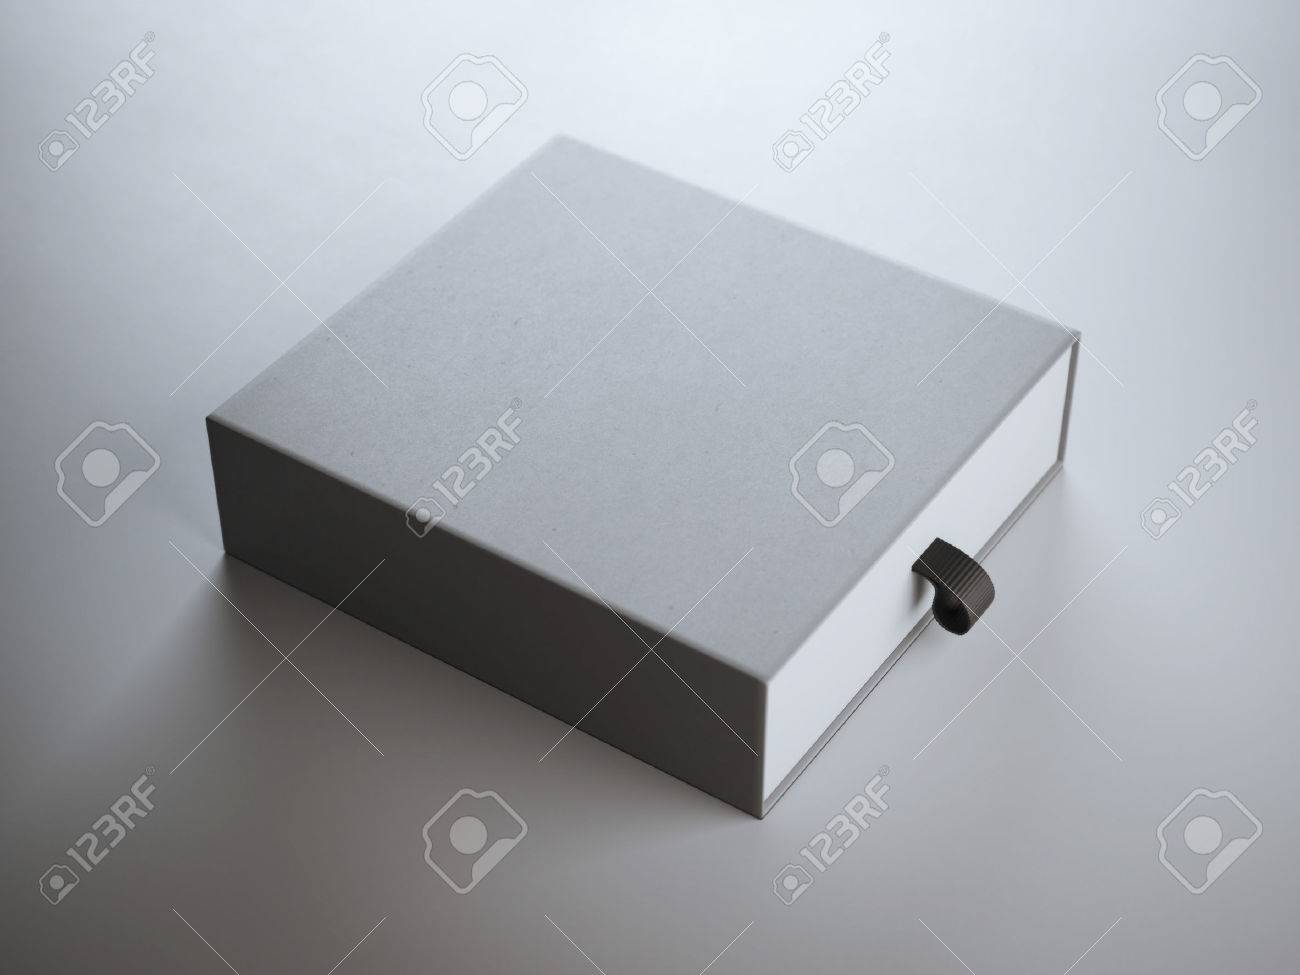 Square gray box in the white studio - 47062950